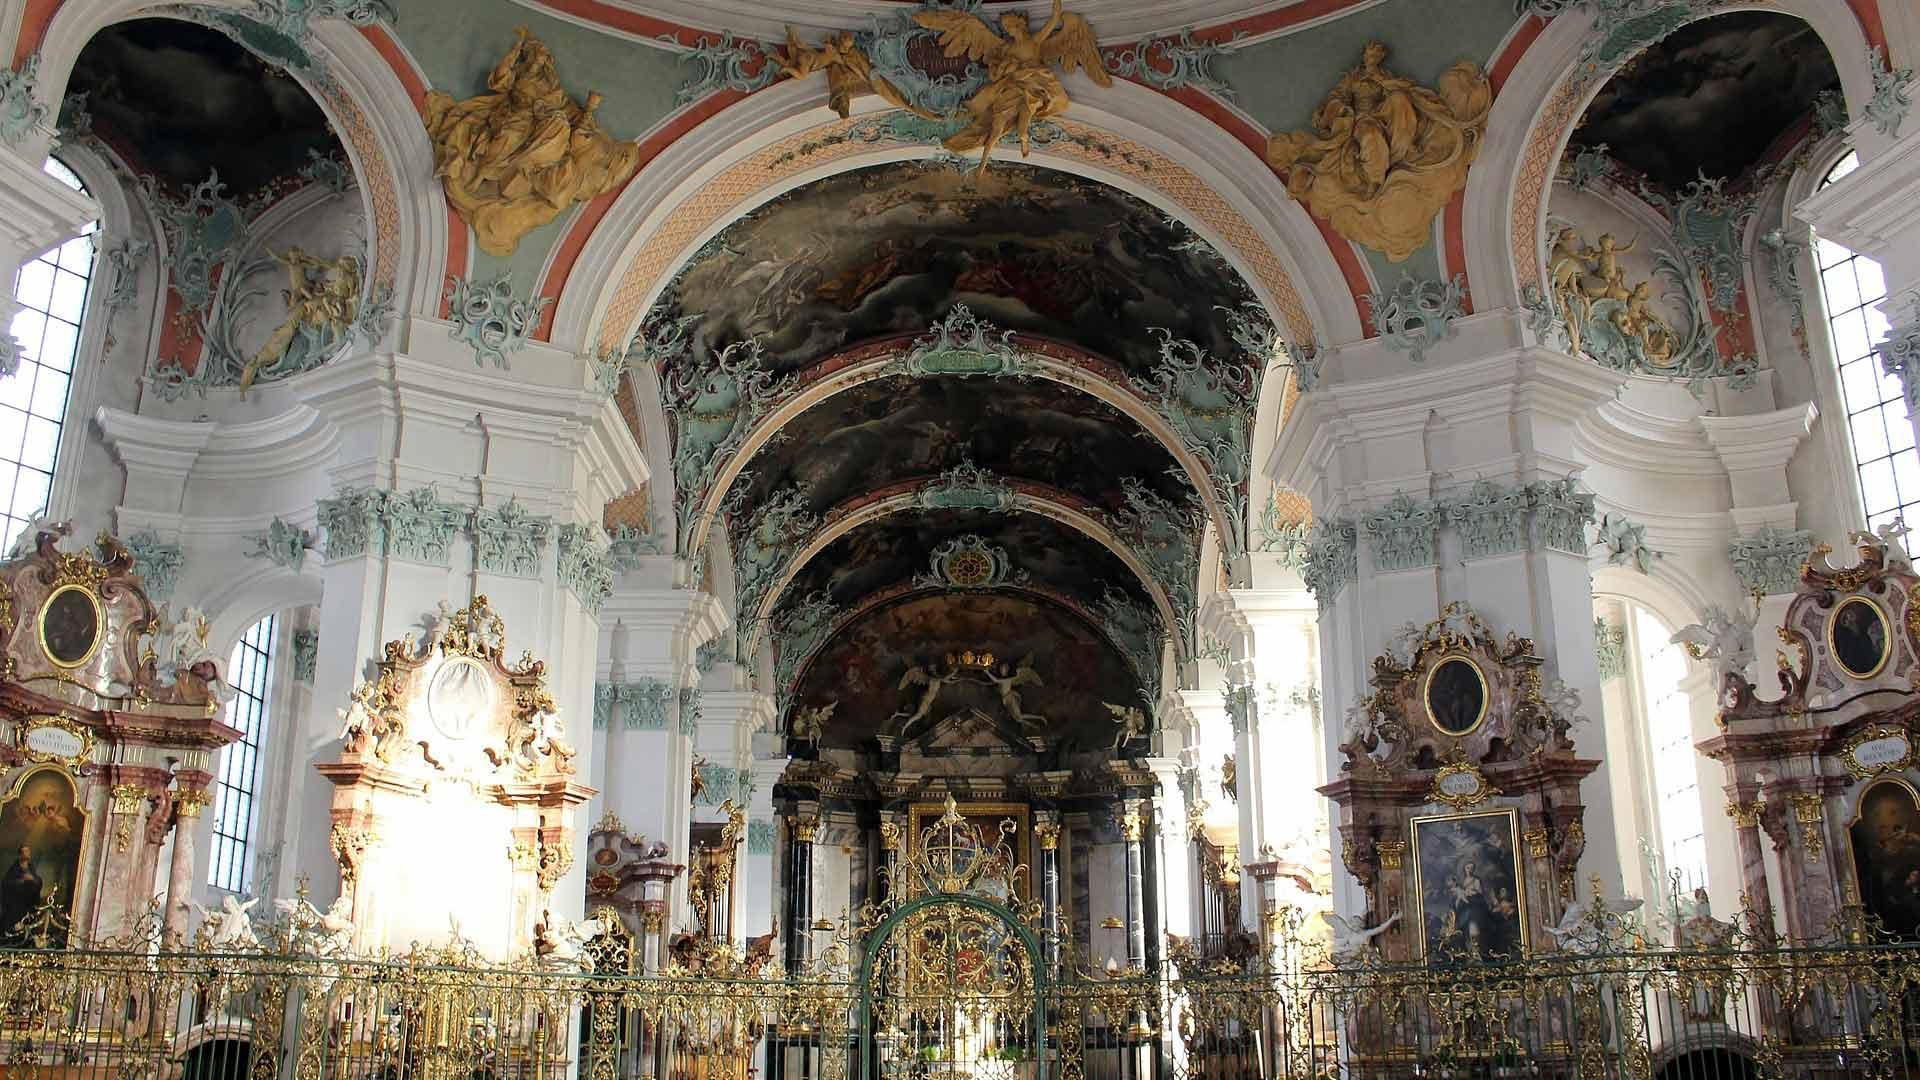 De beroemde barokke Stiftskirche in St. Gallen